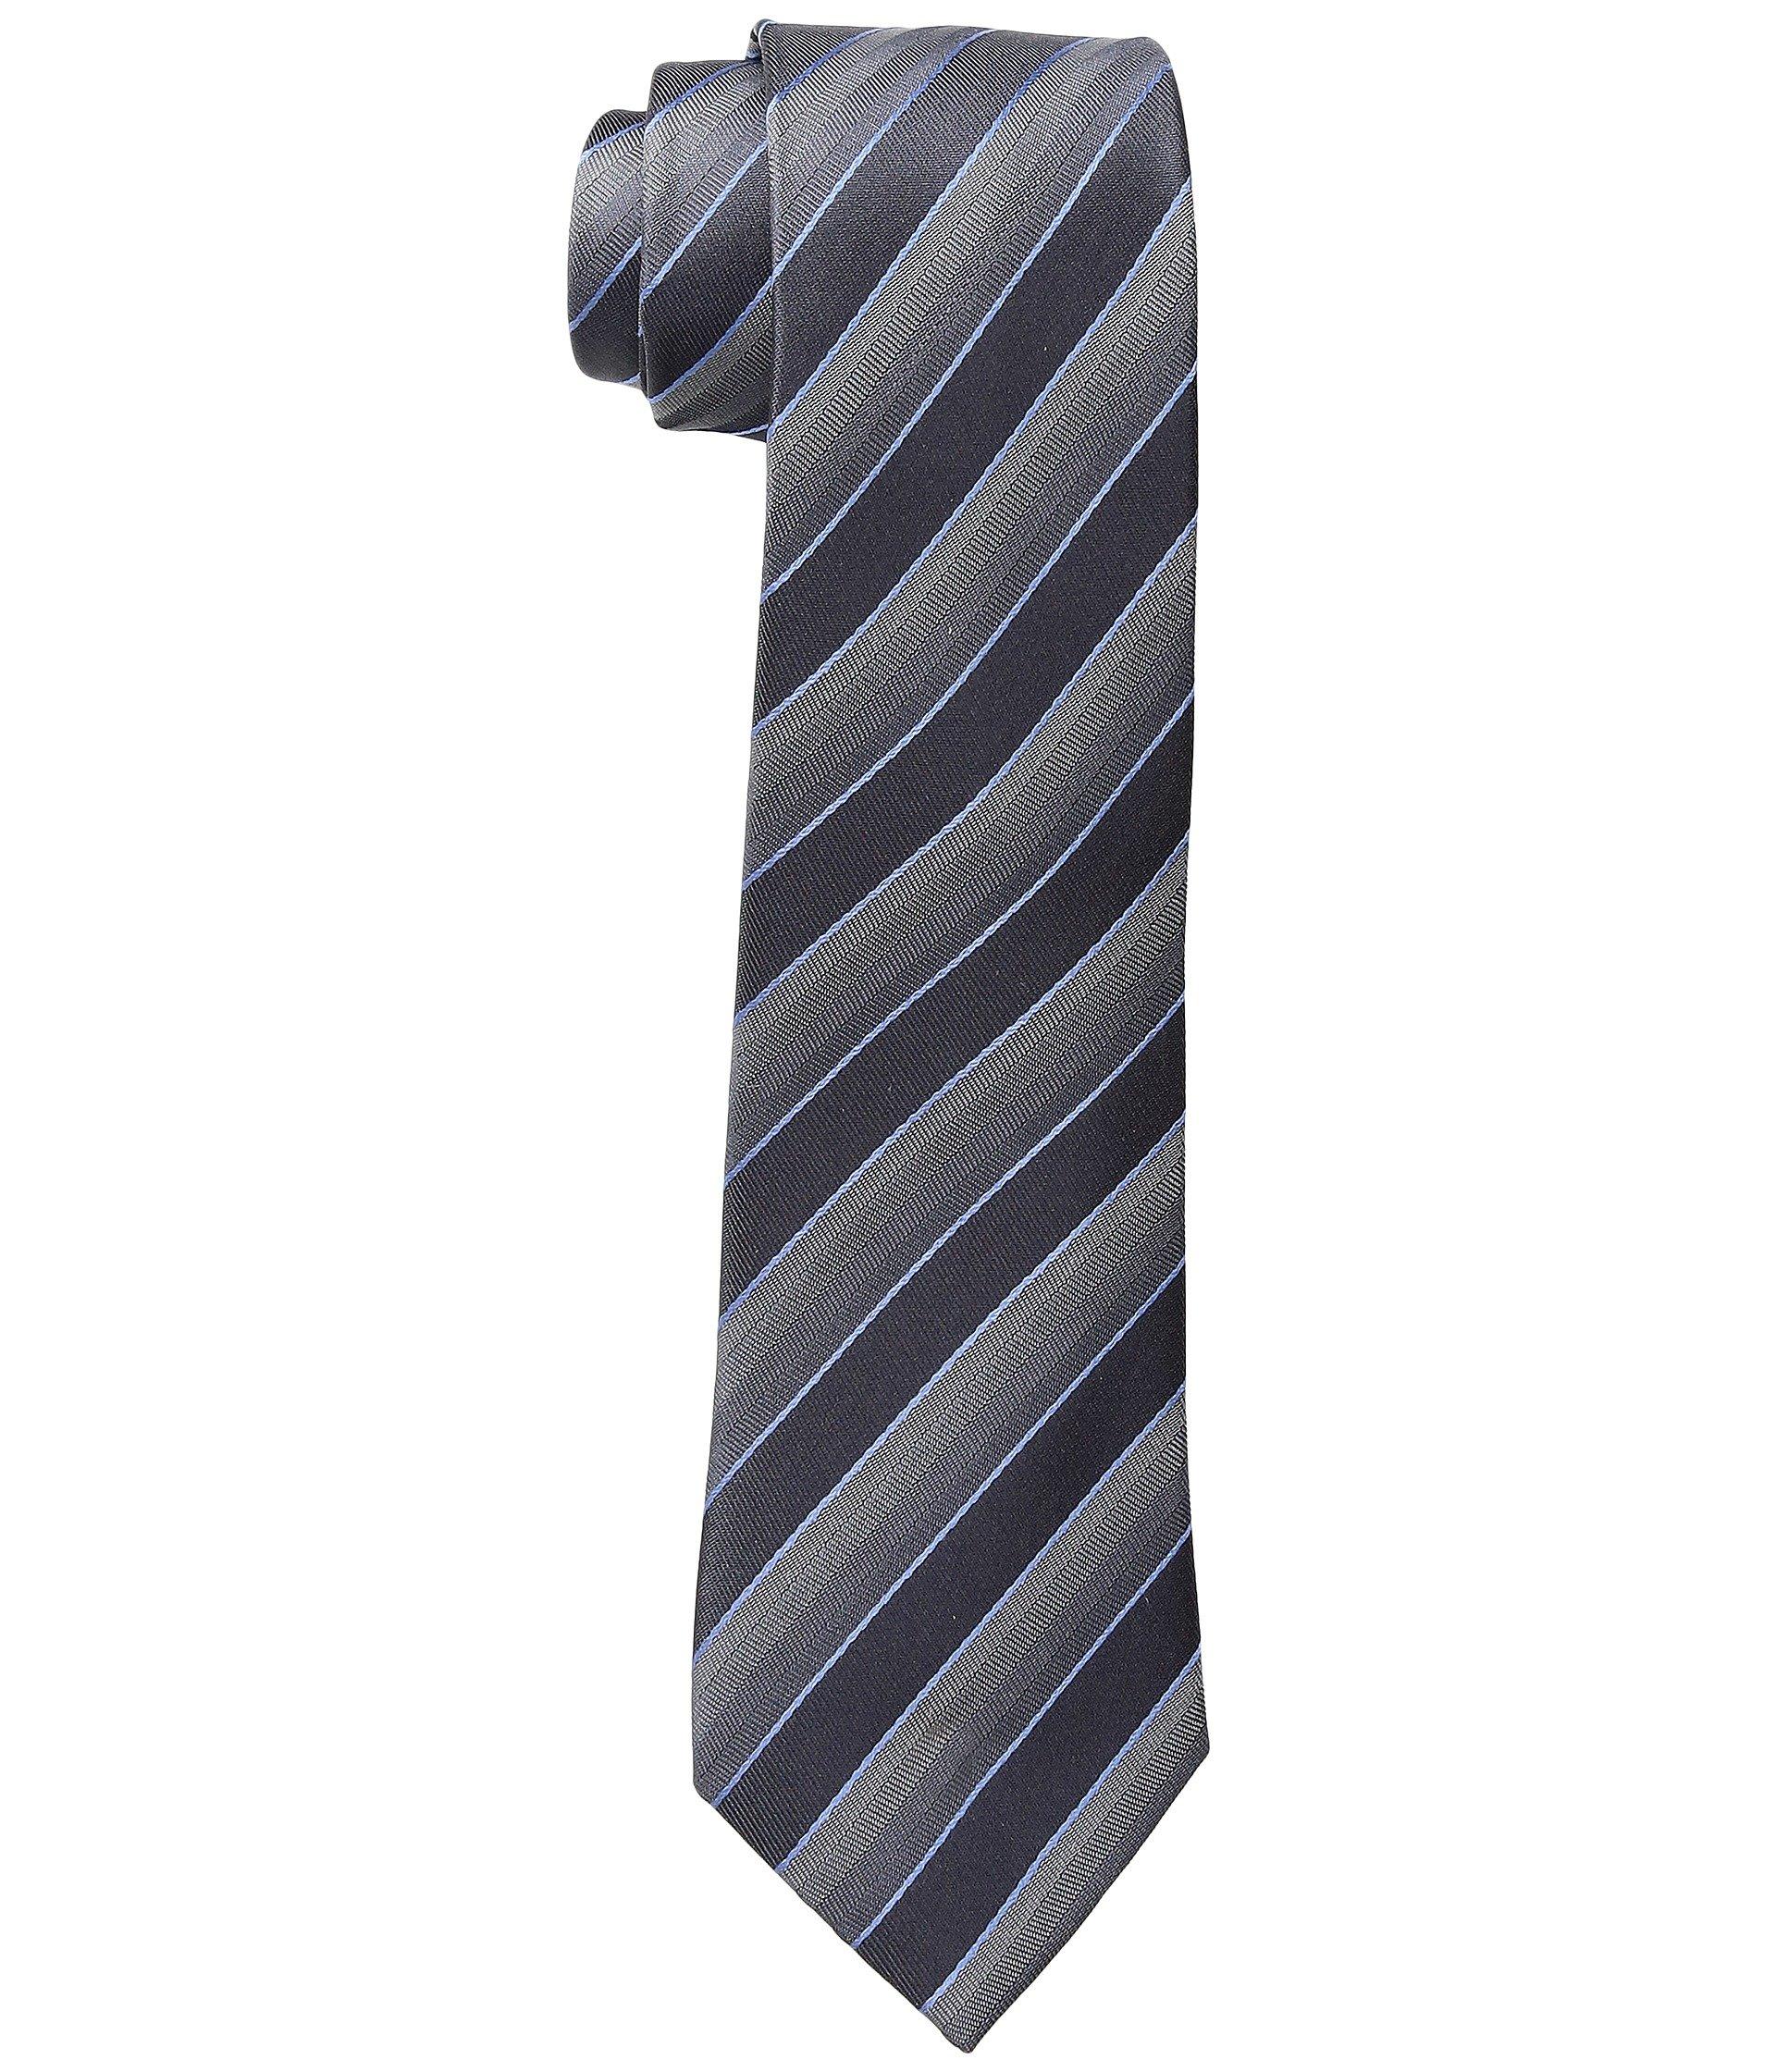 Corbata para Hombre Kenneth Cole Reaction Veloutine Stripe  + Kenneth Cole Reaction en VeoyCompro.net